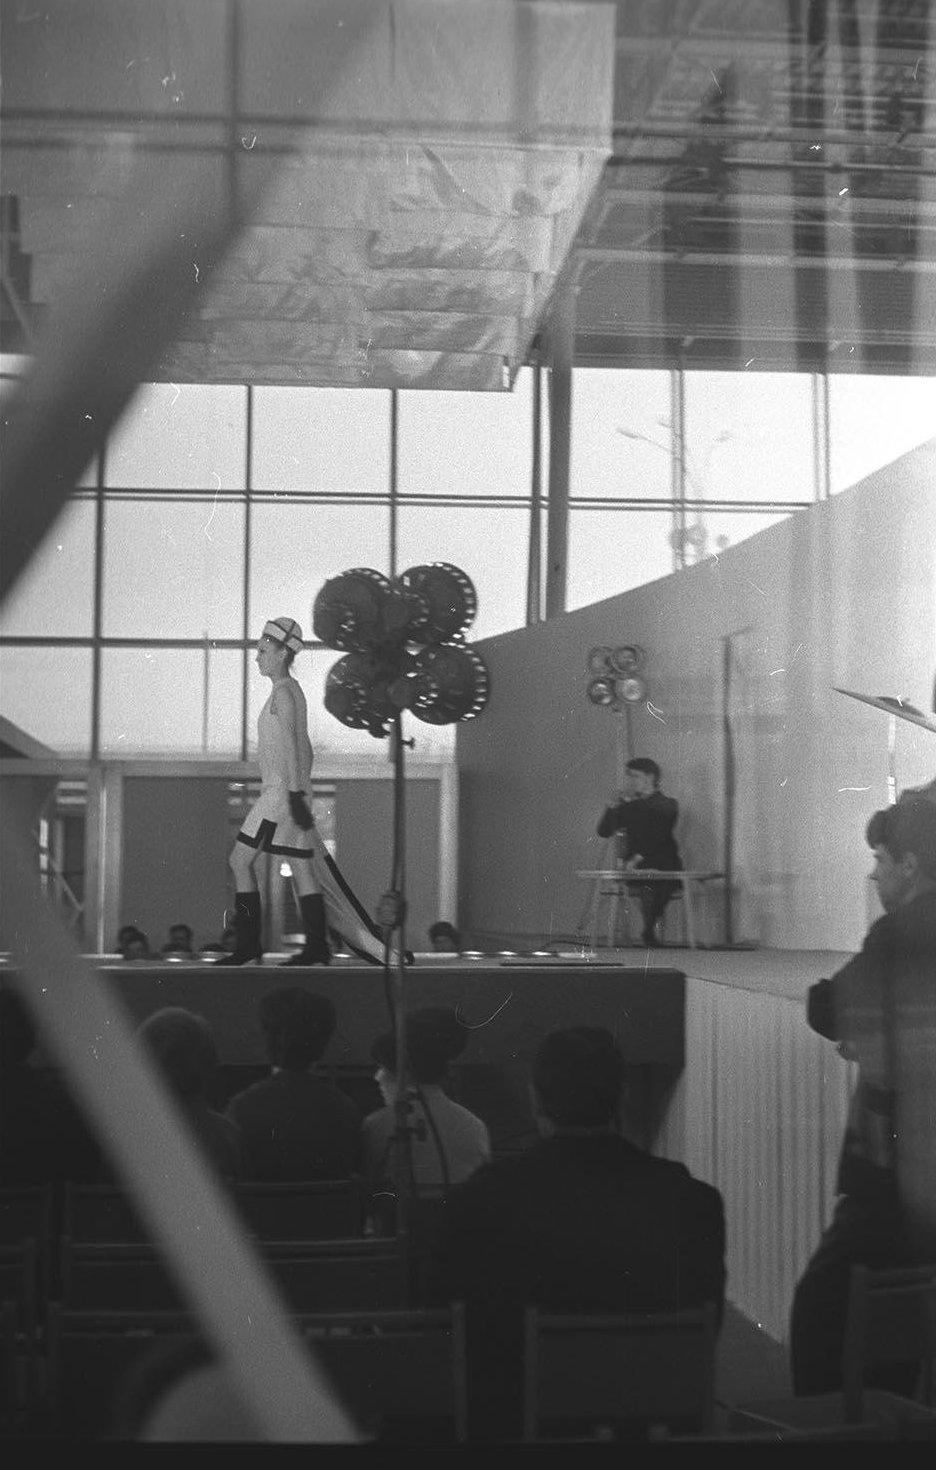 1960-е. Демонстрация мод. Павильон «Межотраслевых выставок» на ВДНХ